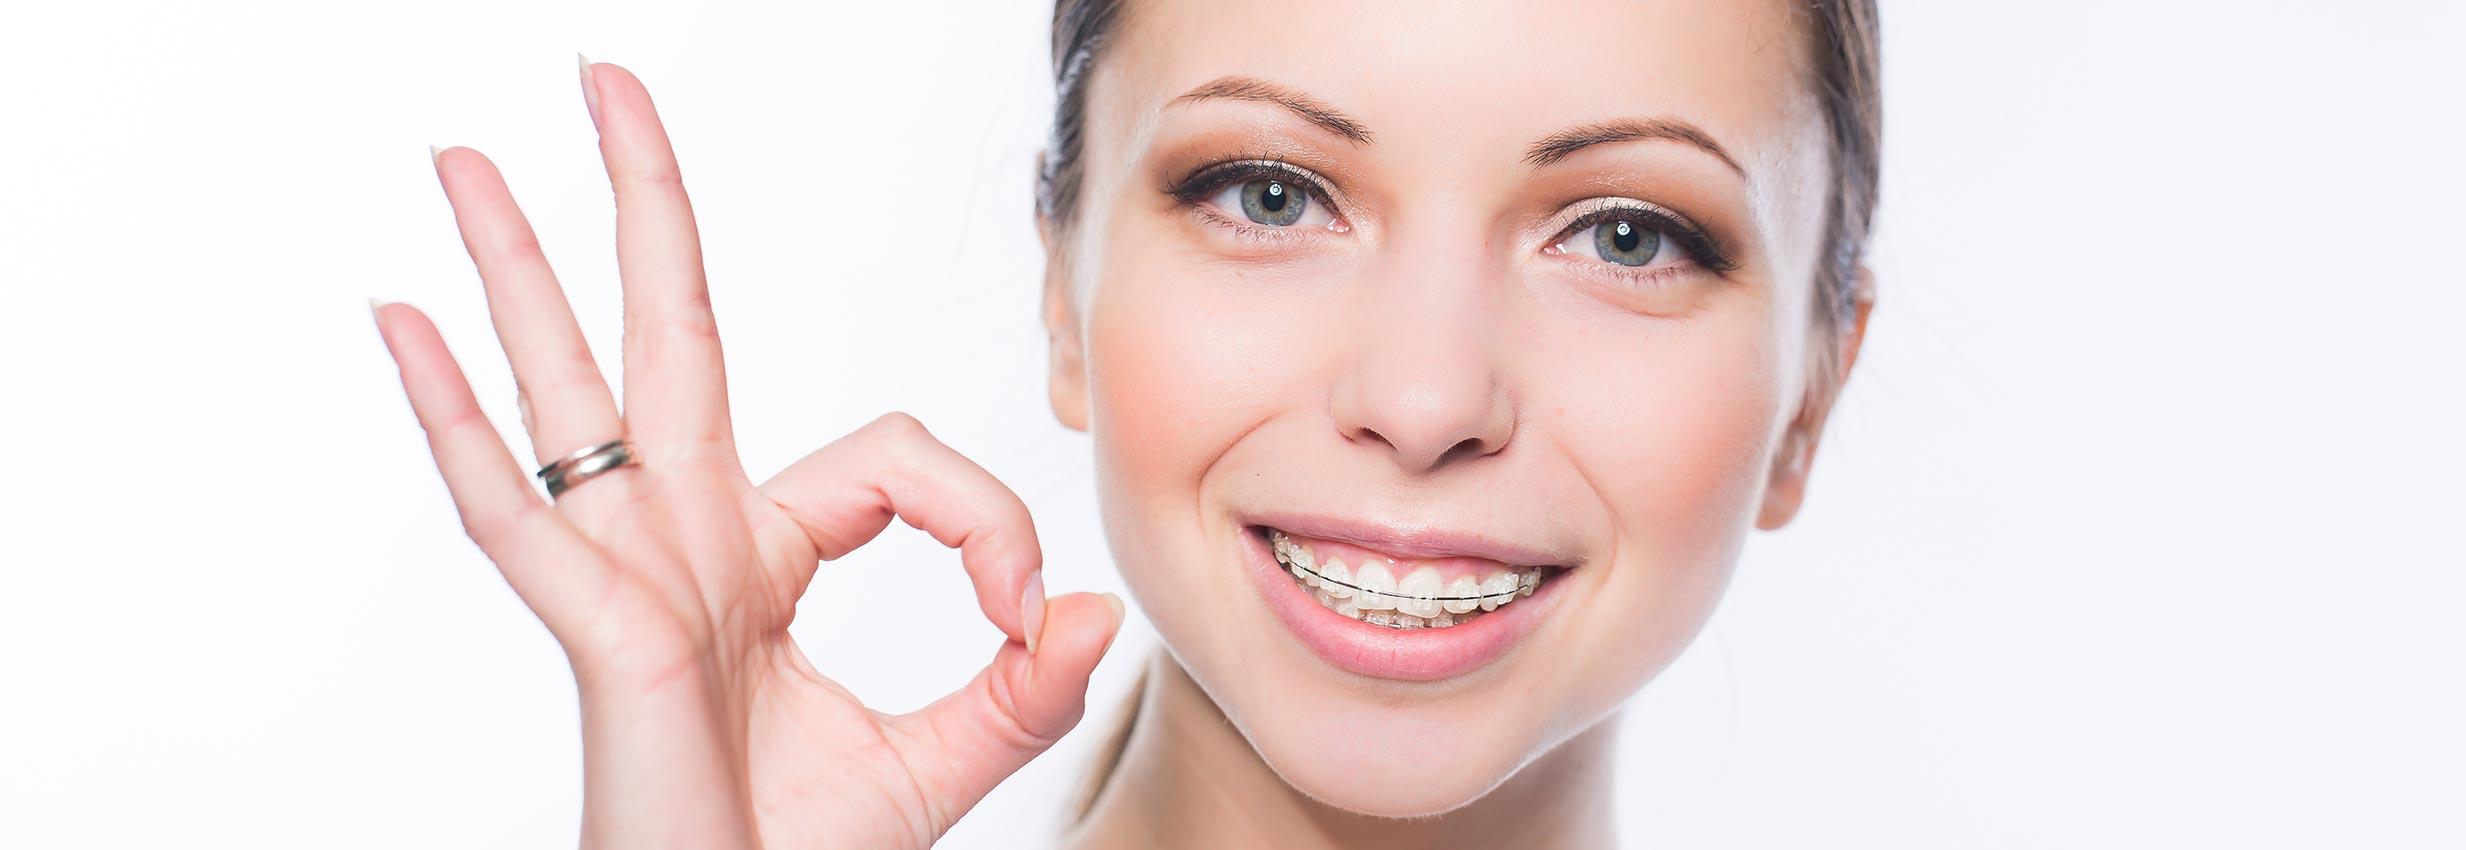 Ortodonzia a Verona | Studio dentistico a Verona | Studio dentistico Muraro